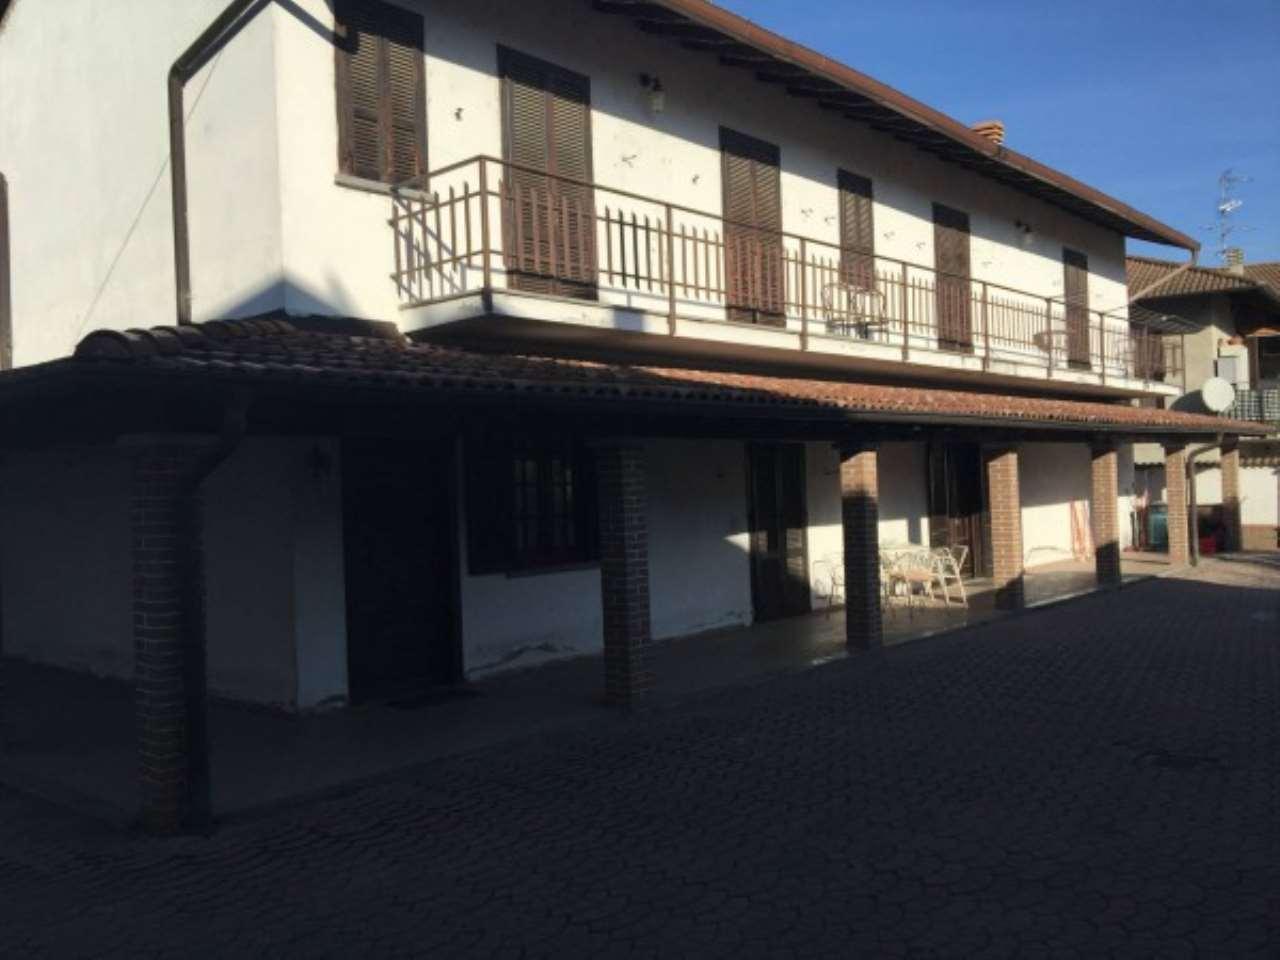 Villa in vendita a Vinzaglio, 5 locali, prezzo € 225.000 | Cambio Casa.it